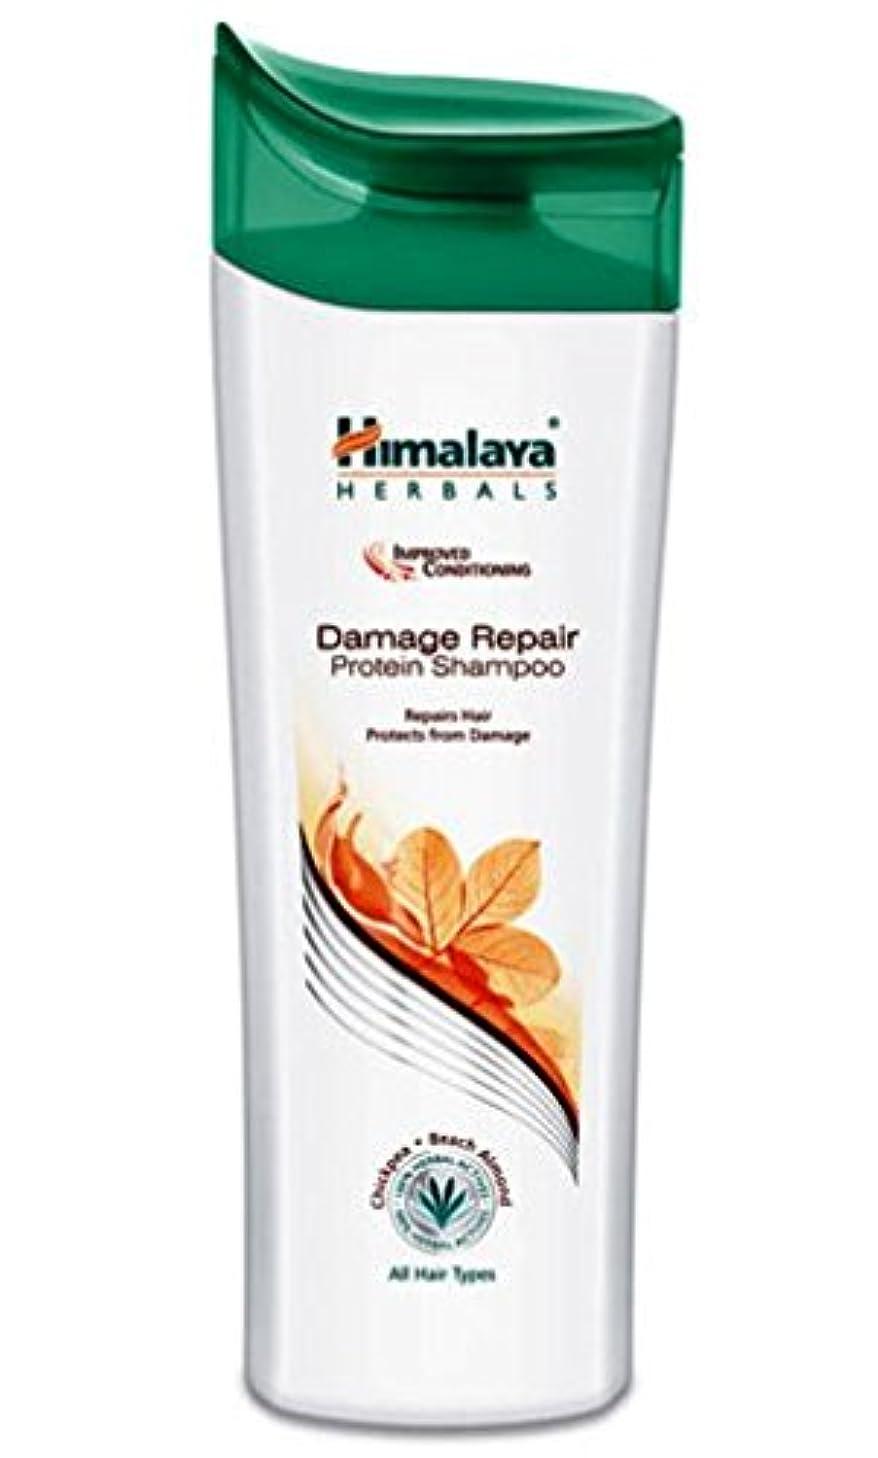 日常的にページ支援するHimalaya Damage Repair Protein Shampoo 400ml